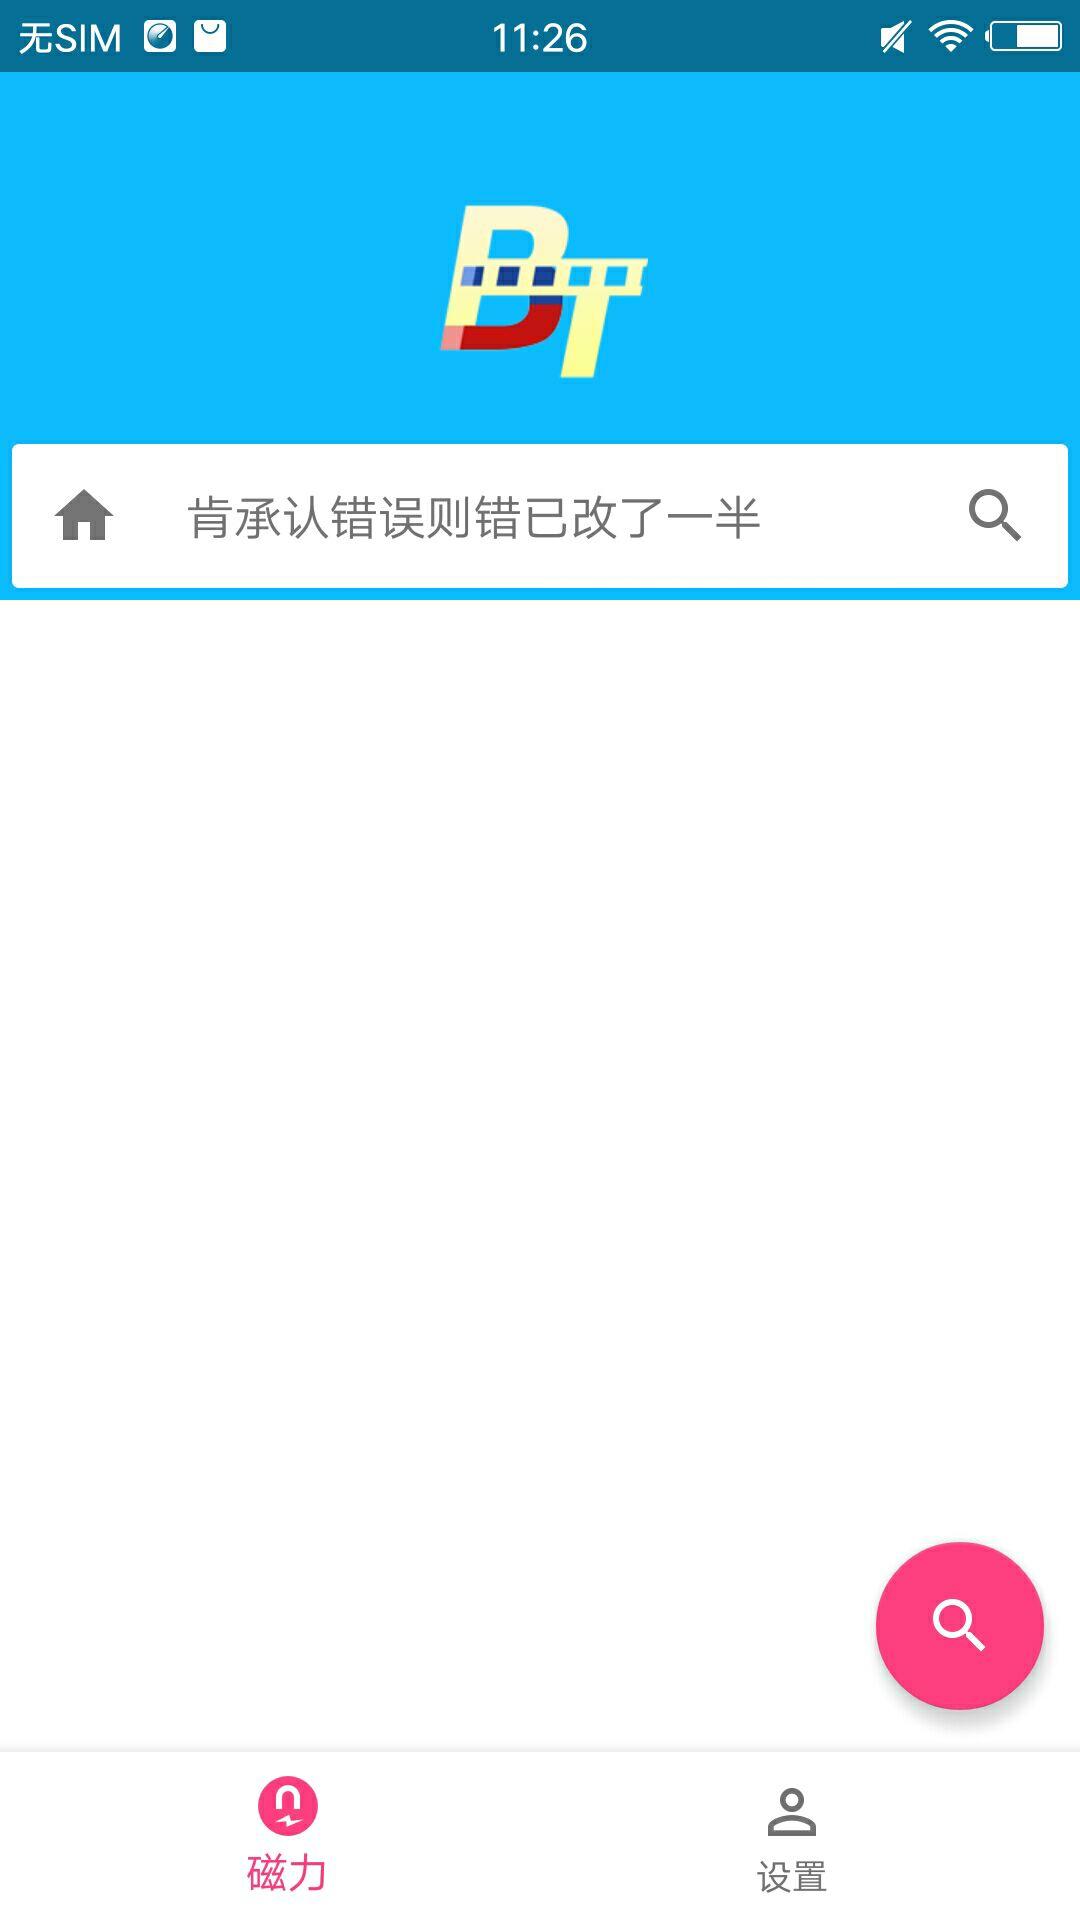 种子搜索浏览器4.8不更新版 安卓版截图4